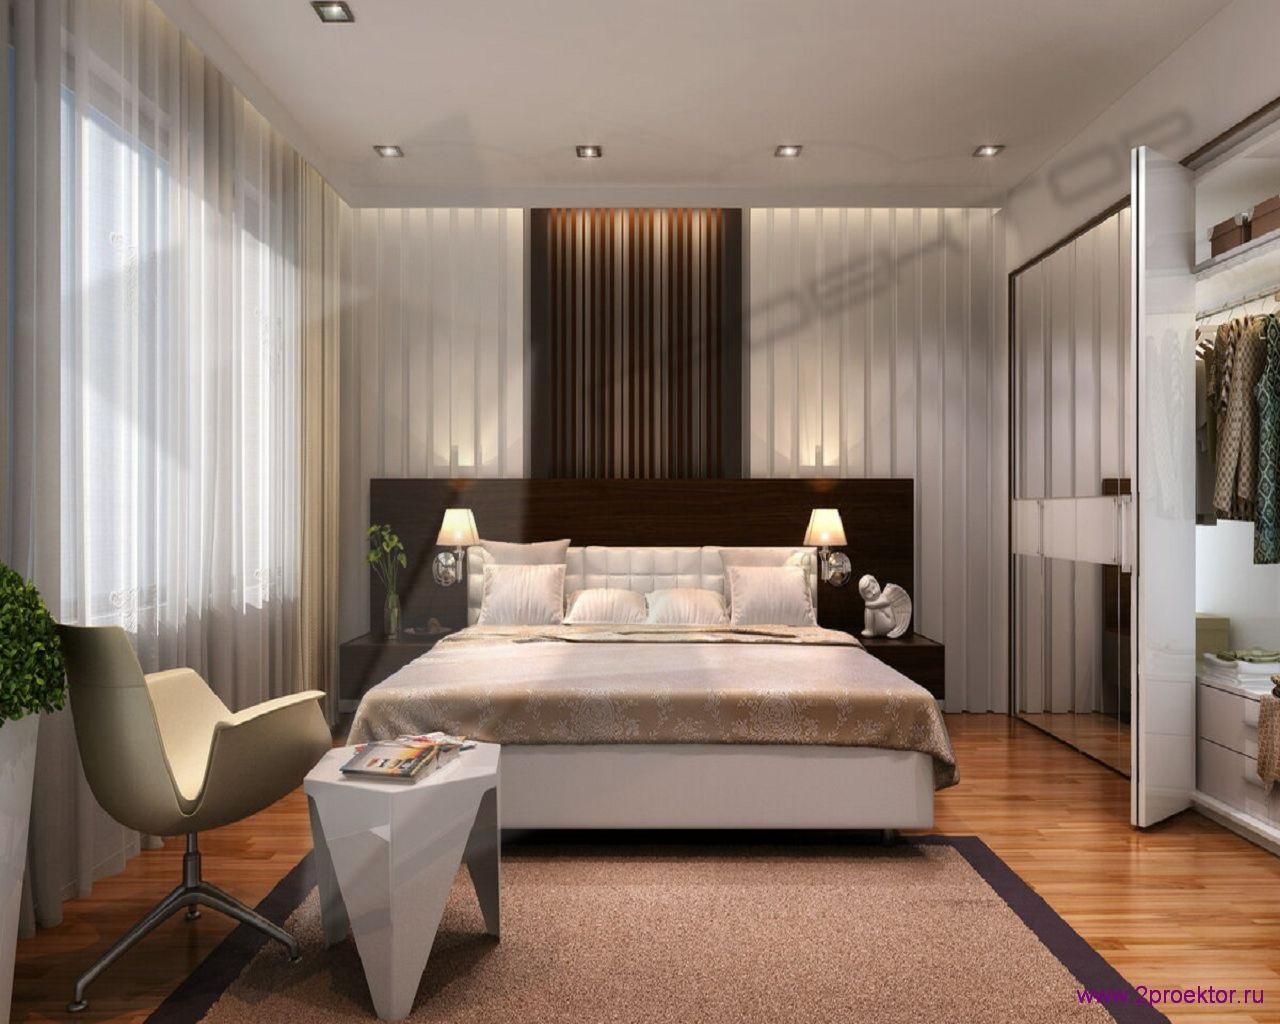 Дизайн спальни в светлых тонах в Жилом комплексе Тихвинская усадьба.